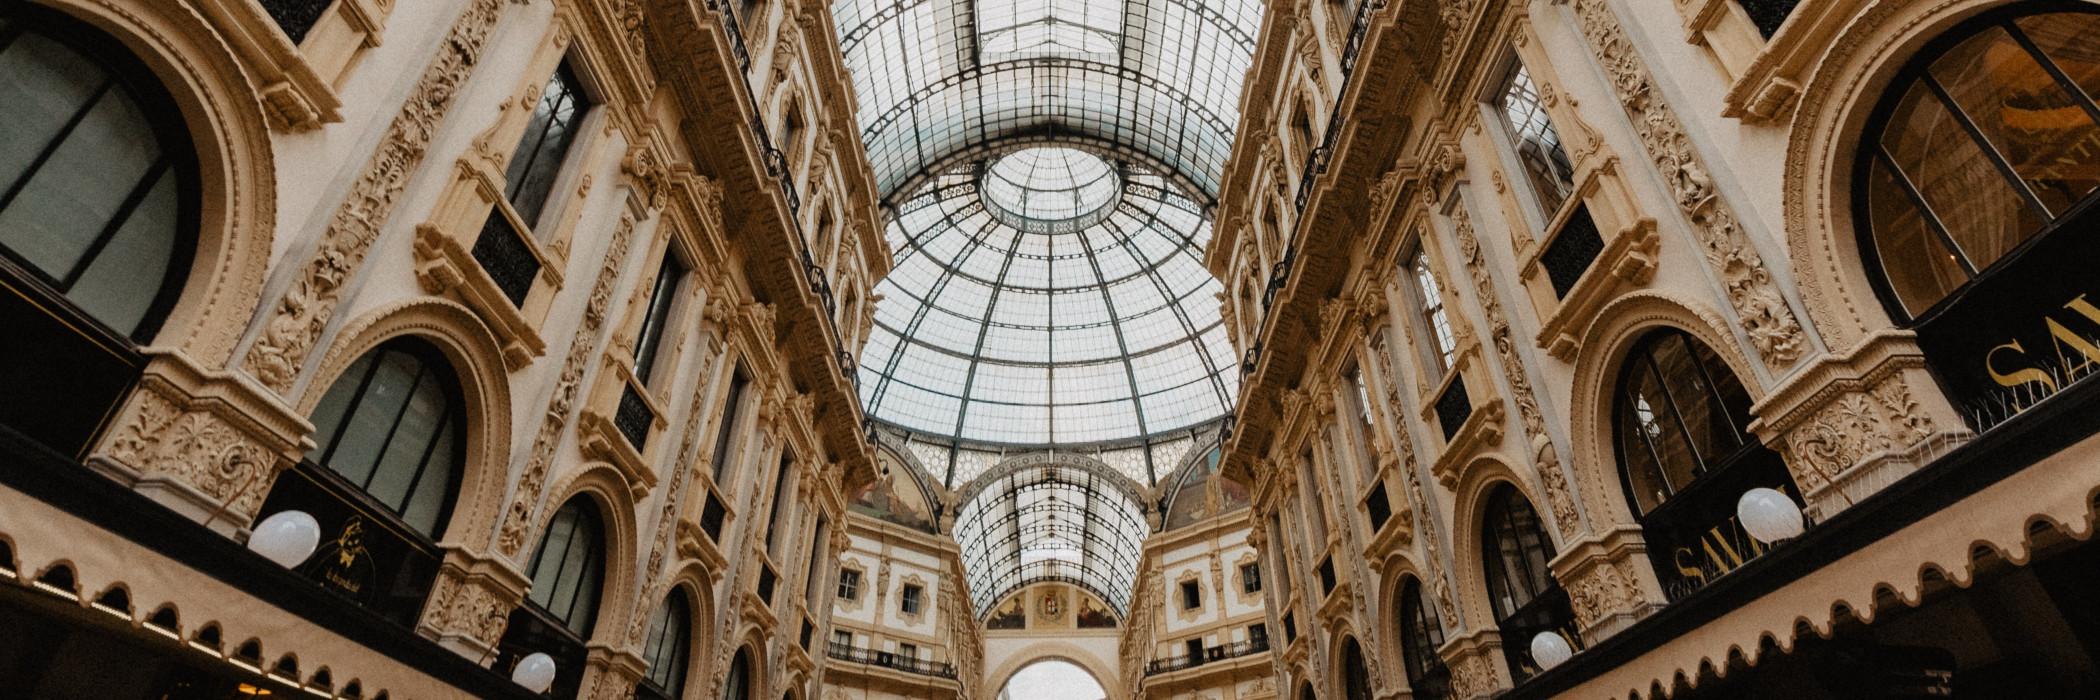 Titolo Milano 2 - alta